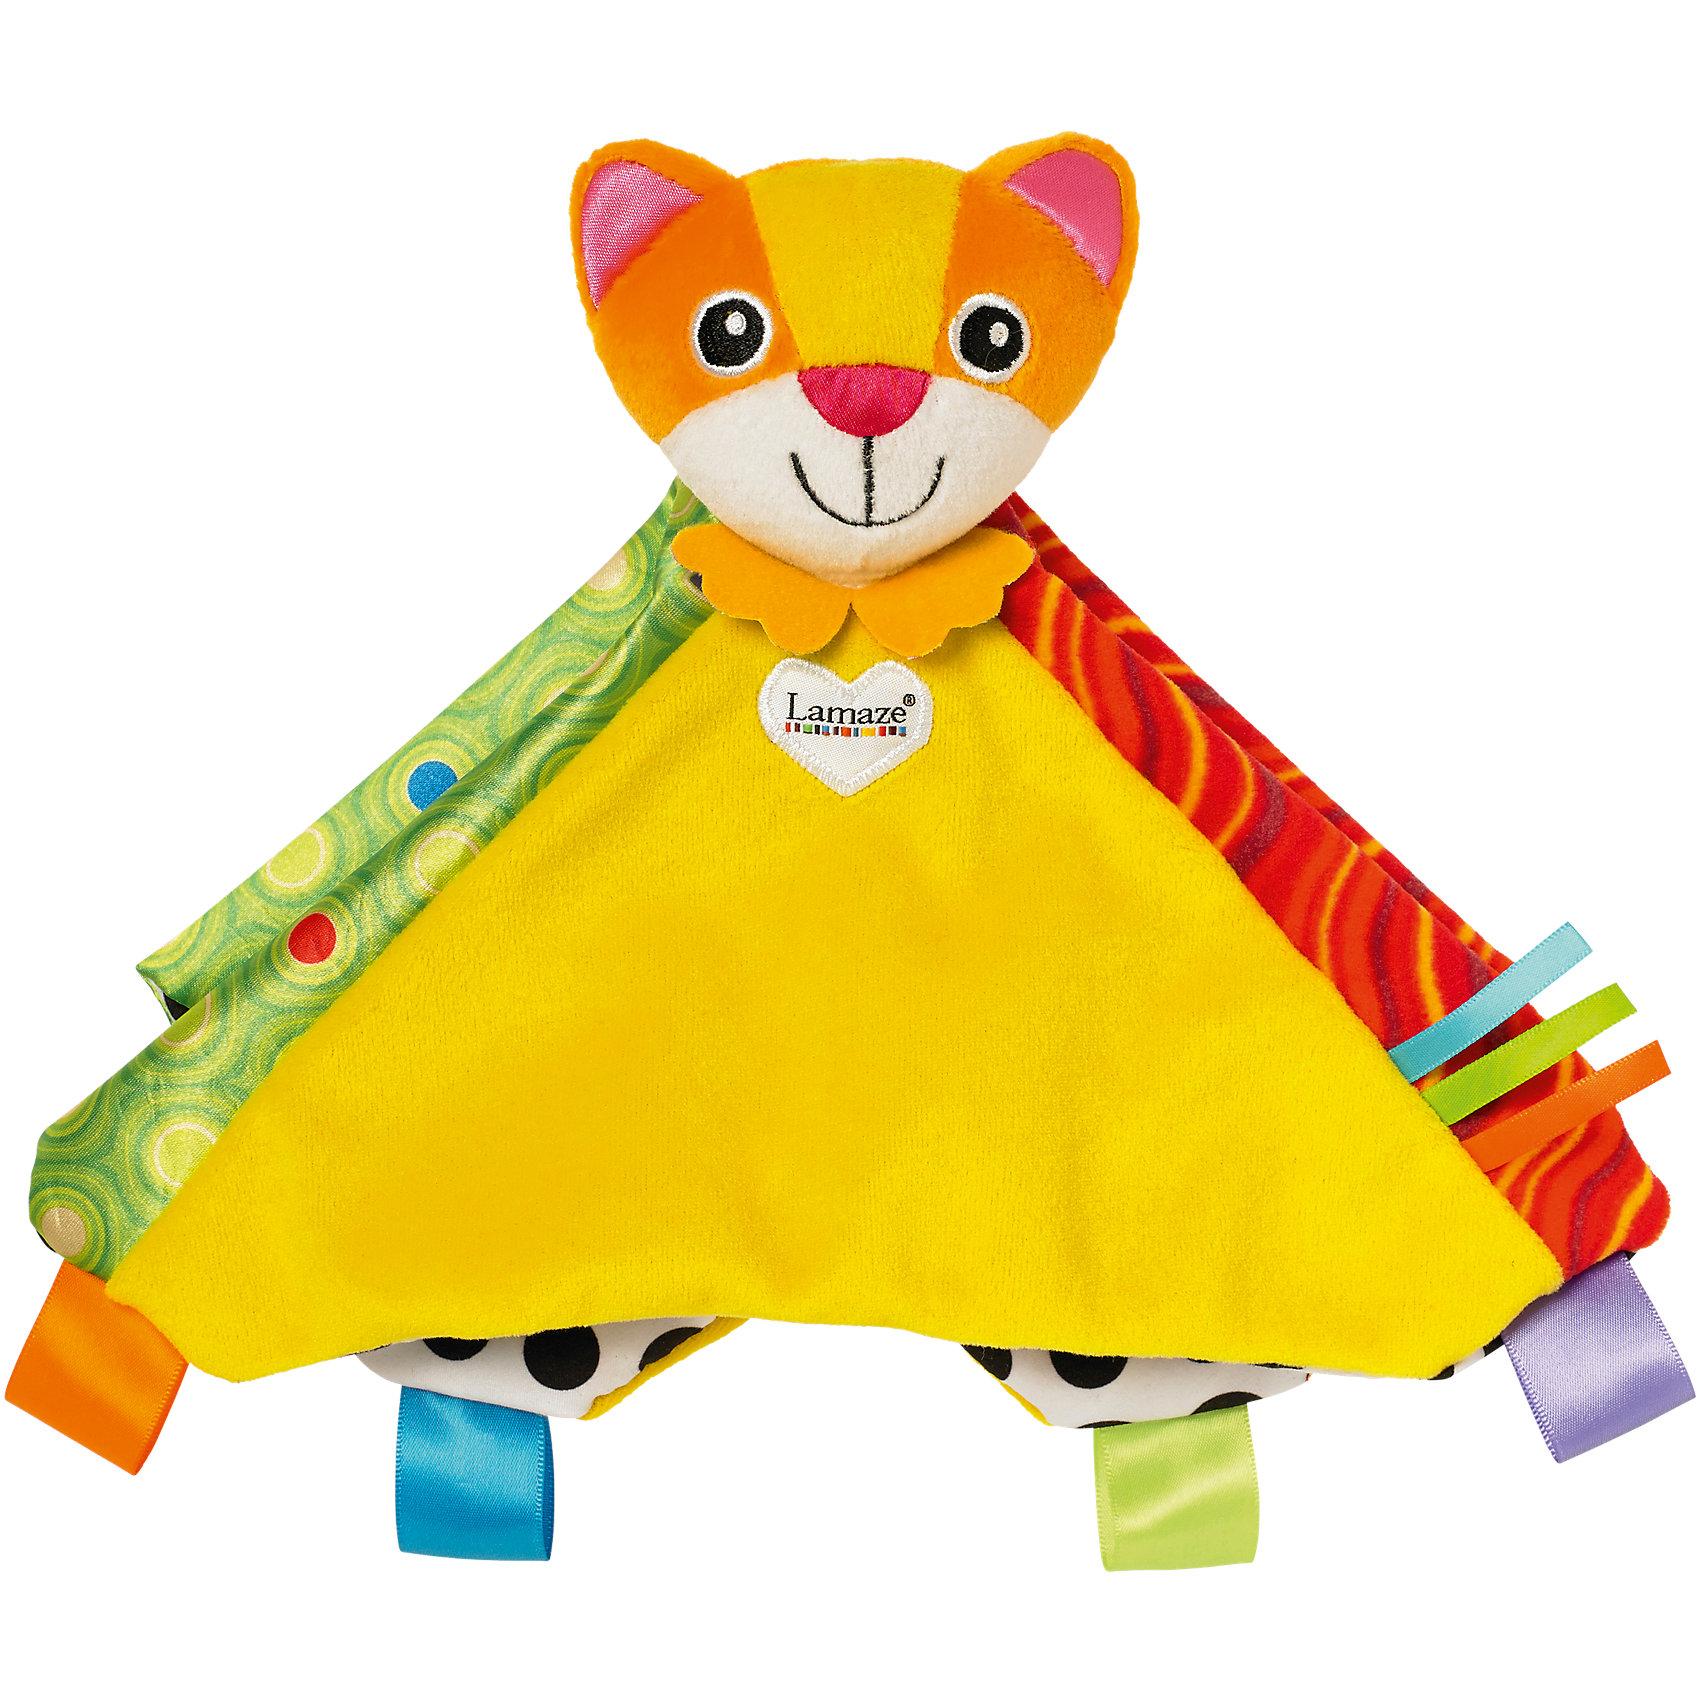 Игрушка Котенок Митти, LamazeОригинальная игрушка - погремушка для малышей. Выполнена из ярких  материалов разной текстуры, она прекрасно развивает тактильные ощущения, цветовосприятие, мелкую моторику; учит различать формы. Прекрасно подходит для маленьких детских ручек. Игрушка выполнена из высококачественных материалов, безопасных для детей. <br><br>Дополнительная информация:<br><br>- Размер: 25х25х10 см<br>- Материал: текстиль<br>- Цвет: красный, желтый, оранжевый, зеленый.<br>- звуковые эффекты: есть.<br><br>Игрушку Котенок Митти, Lamaze можно купить в нашем магазине.<br><br>Ширина мм: 216<br>Глубина мм: 44<br>Высота мм: 356<br>Вес г: 800<br>Возраст от месяцев: 0<br>Возраст до месяцев: 36<br>Пол: Унисекс<br>Возраст: Детский<br>SKU: 3922284